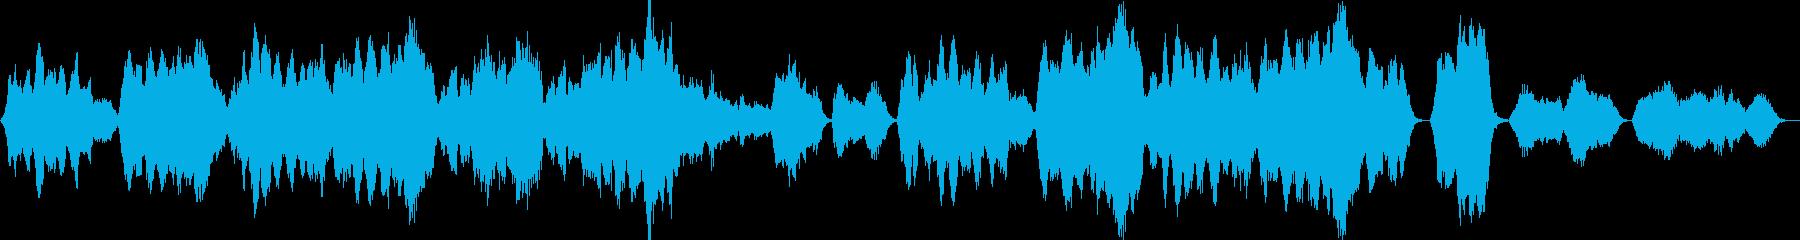 アンダンテ・カンタービレの再生済みの波形